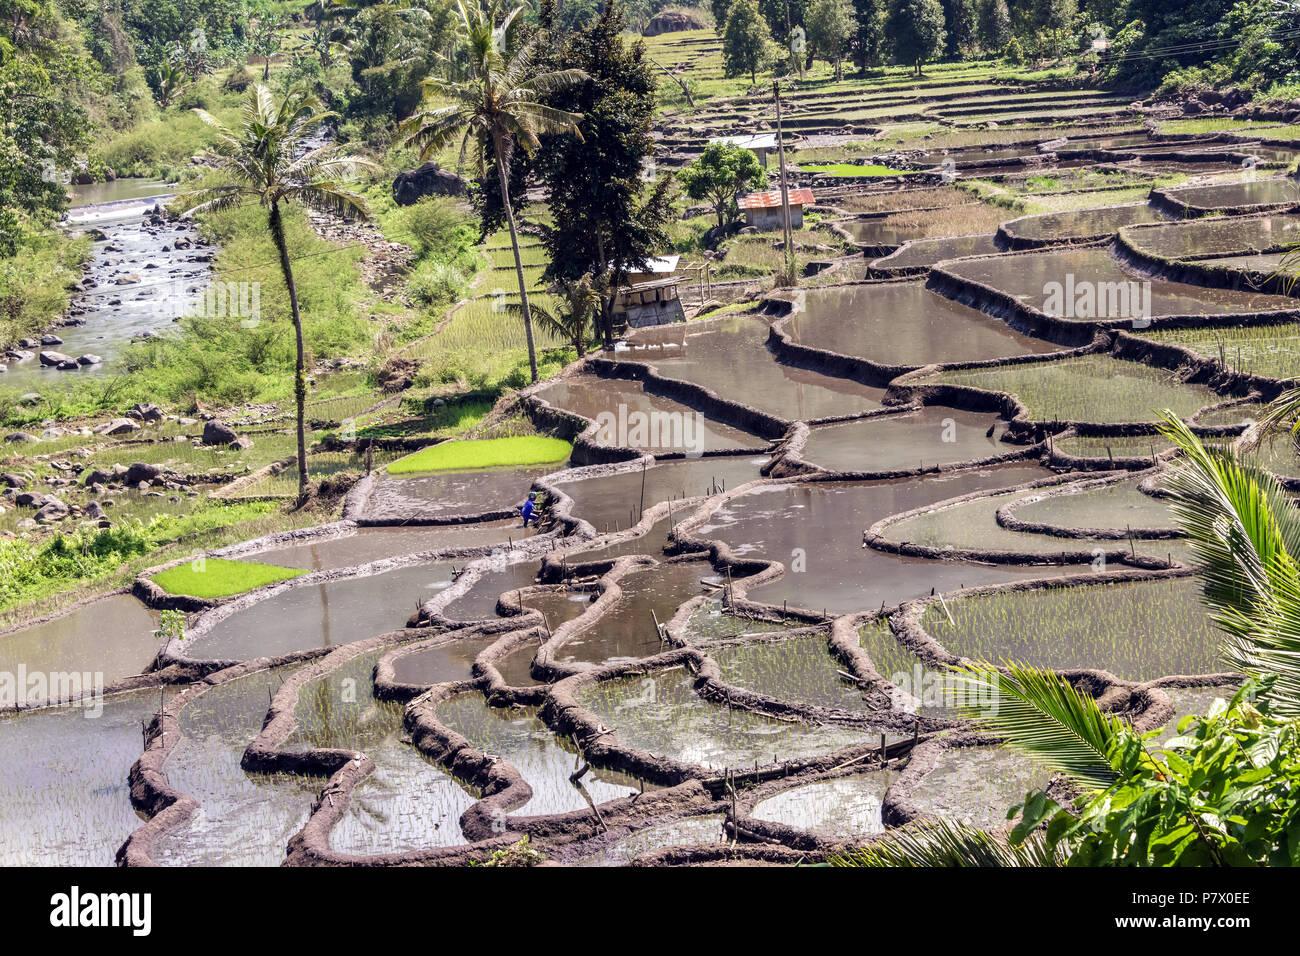 Rice terraces at planting season, near Detusoko, East Nusa Tenggara, Indonesia - Stock Image